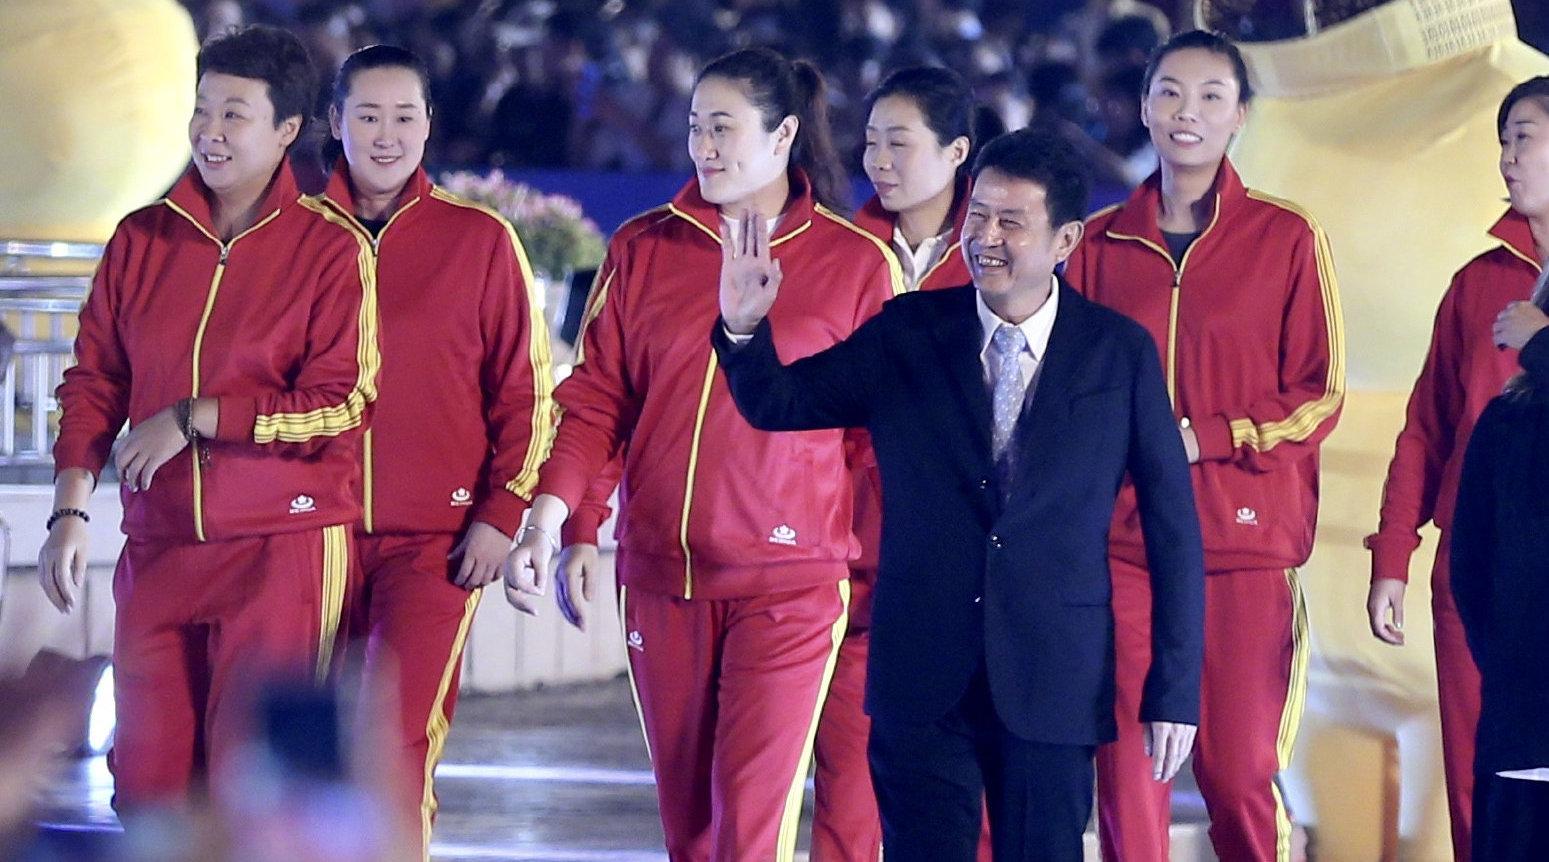 陈可辛:《中国女排》是我拍过最难也是最快乐的一部电影